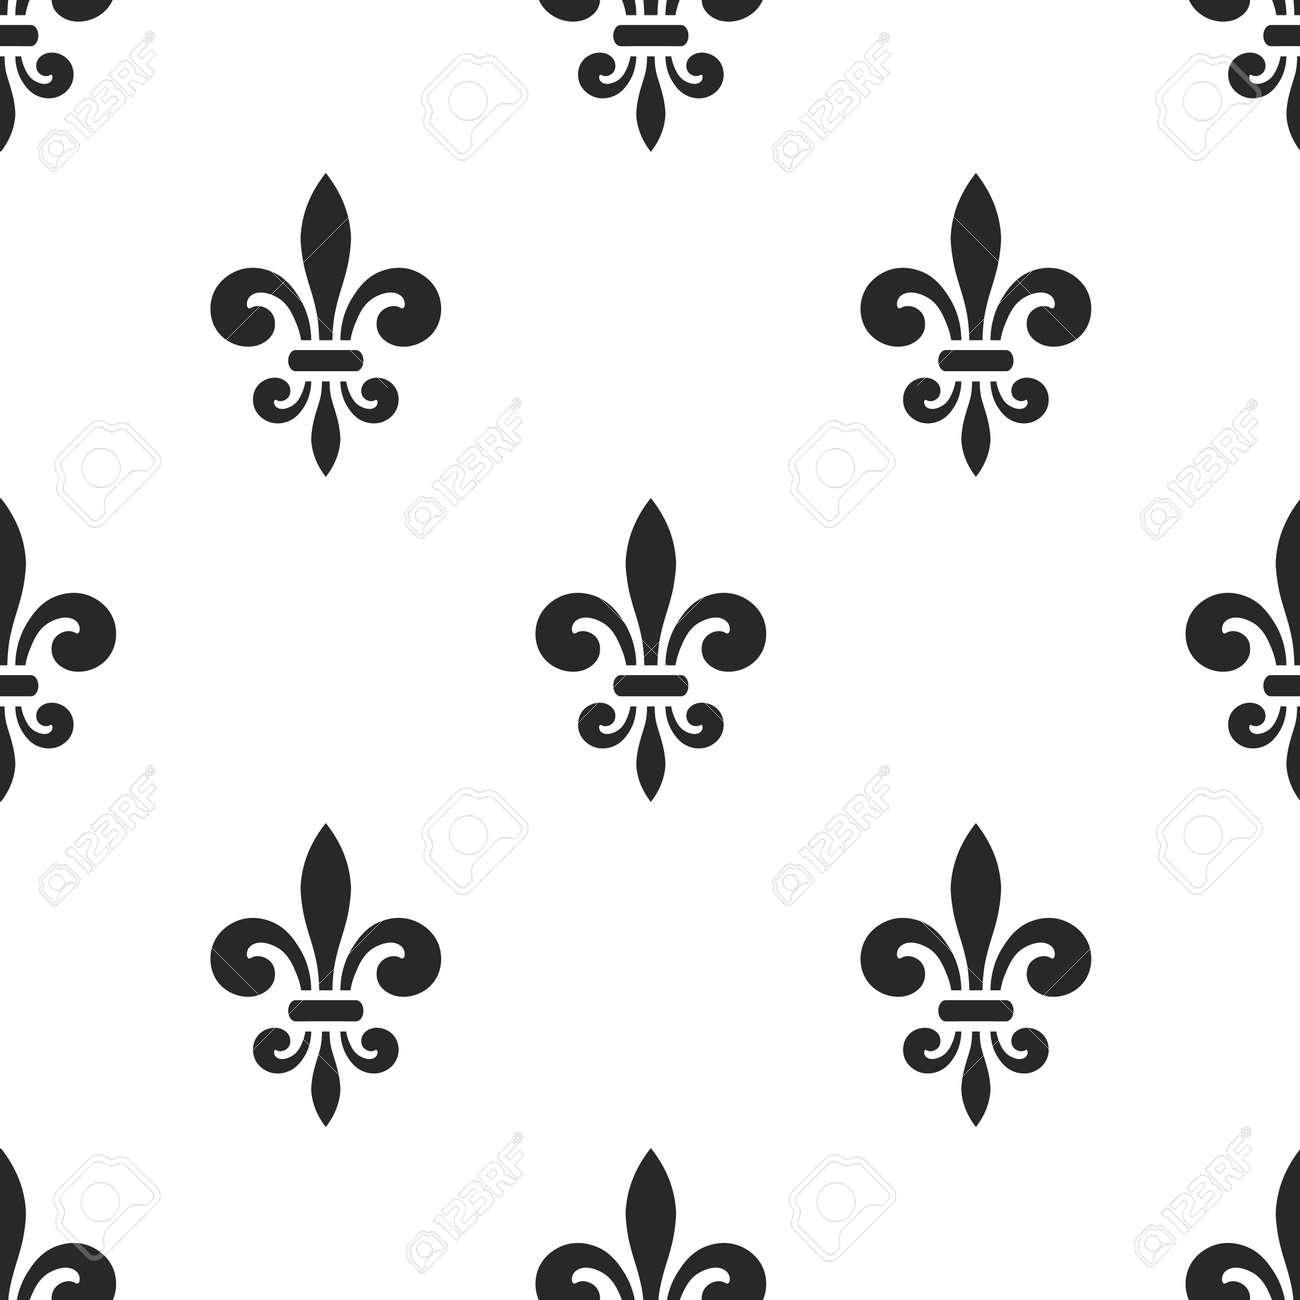 Golden Fleur De Lis Seamless Pattern Black White Template Floral Classic Texture